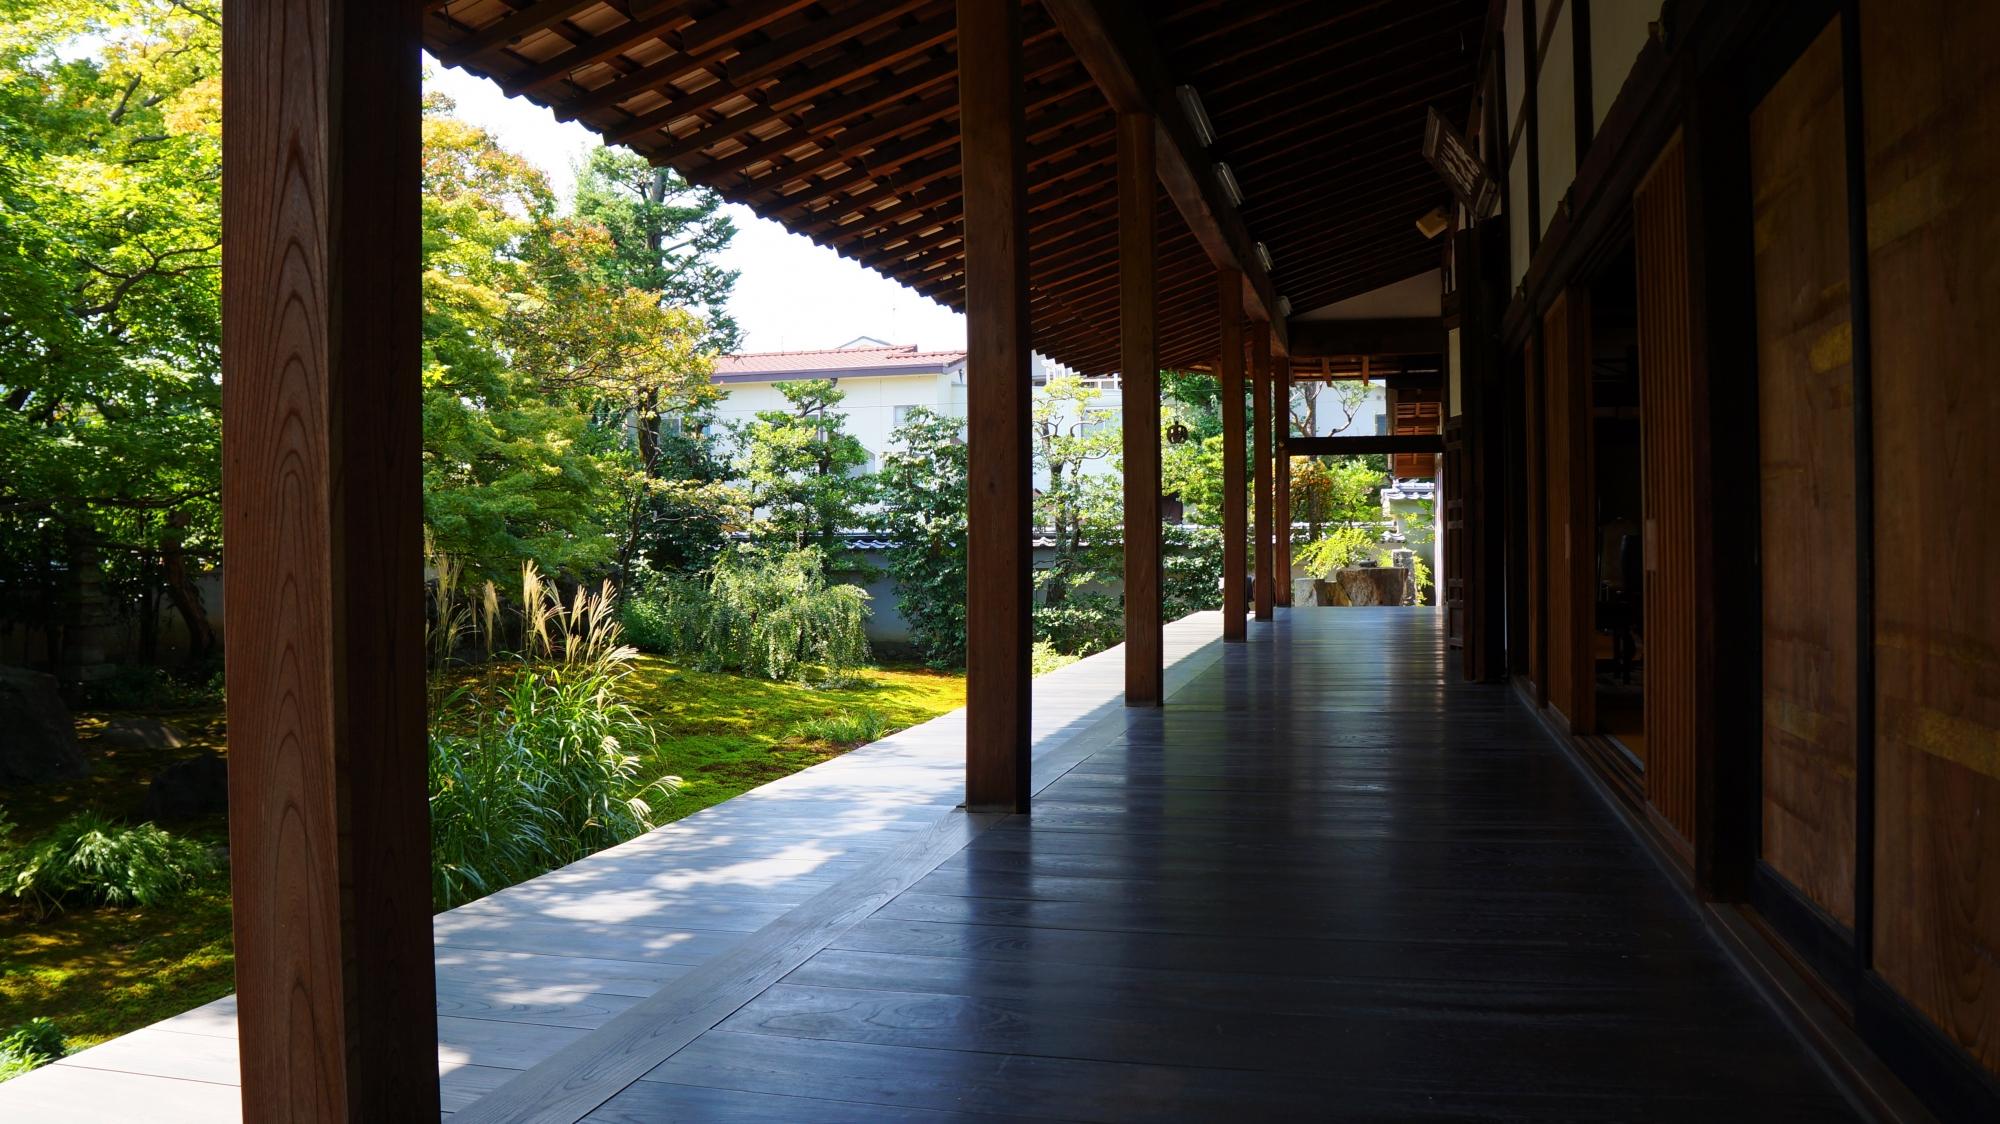 法輪寺(達磨寺)の本堂前庭園(方丈庭園)